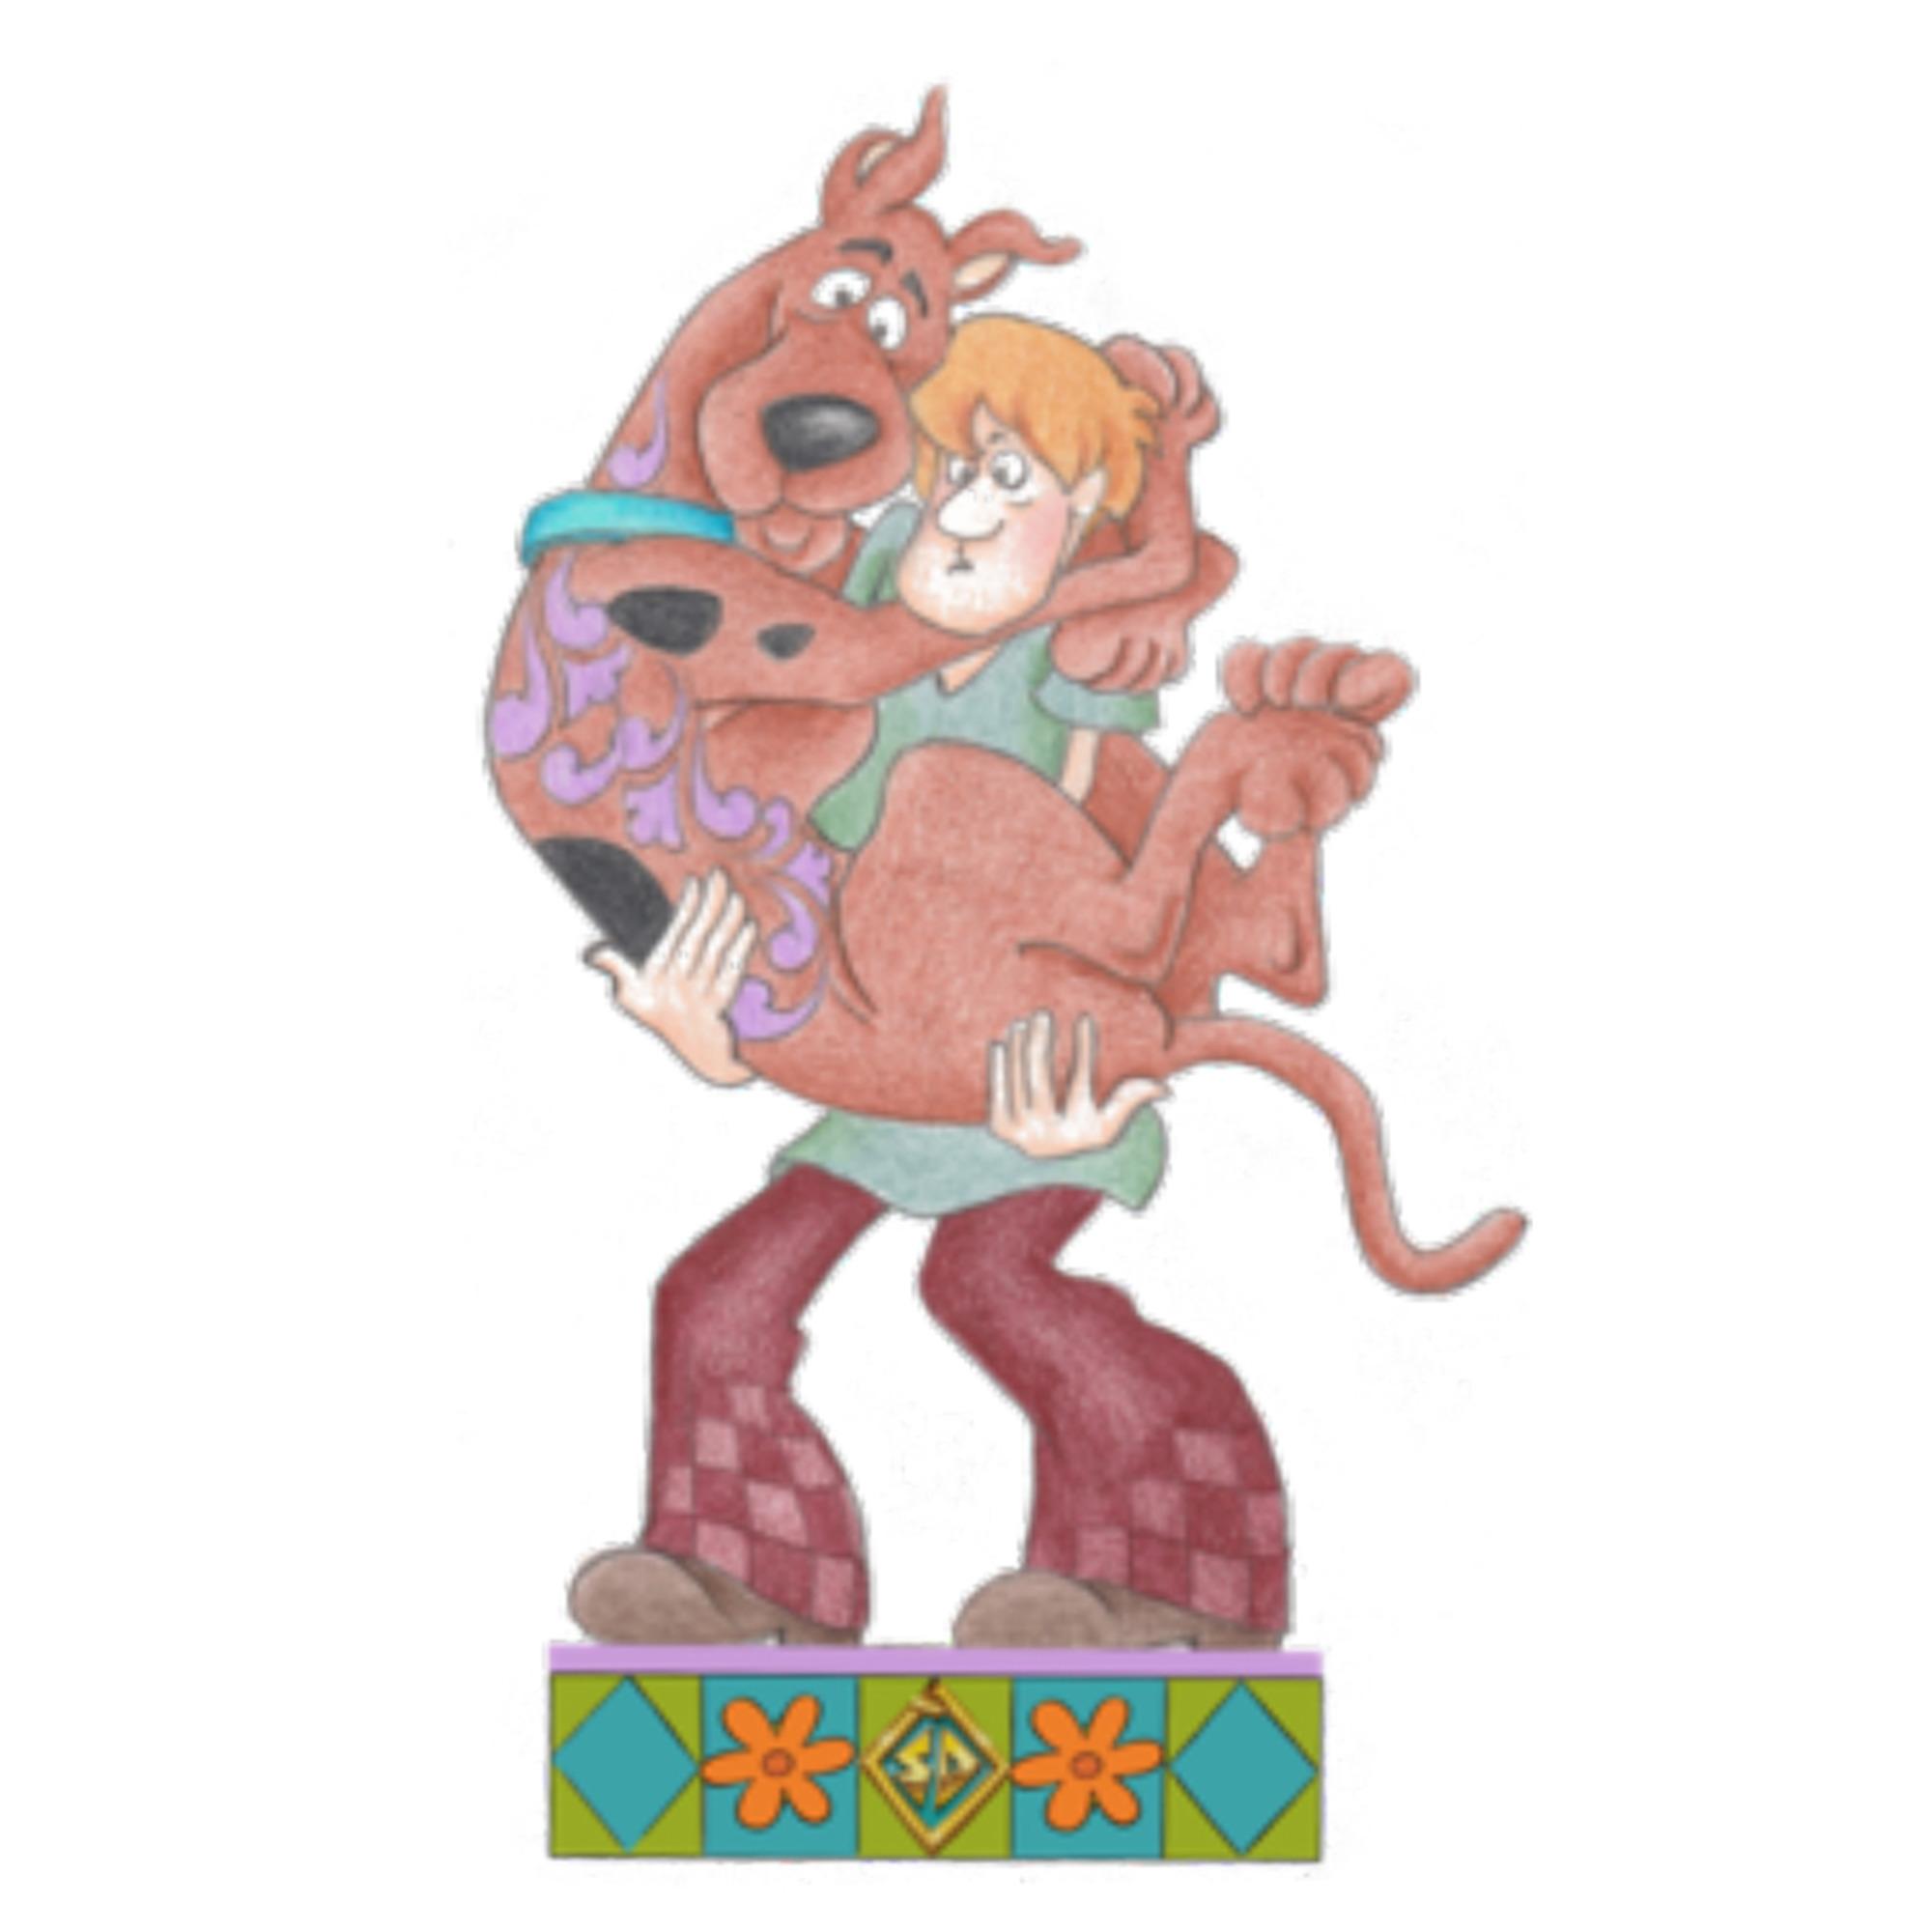 Shaggy Holding Scooby-Doo